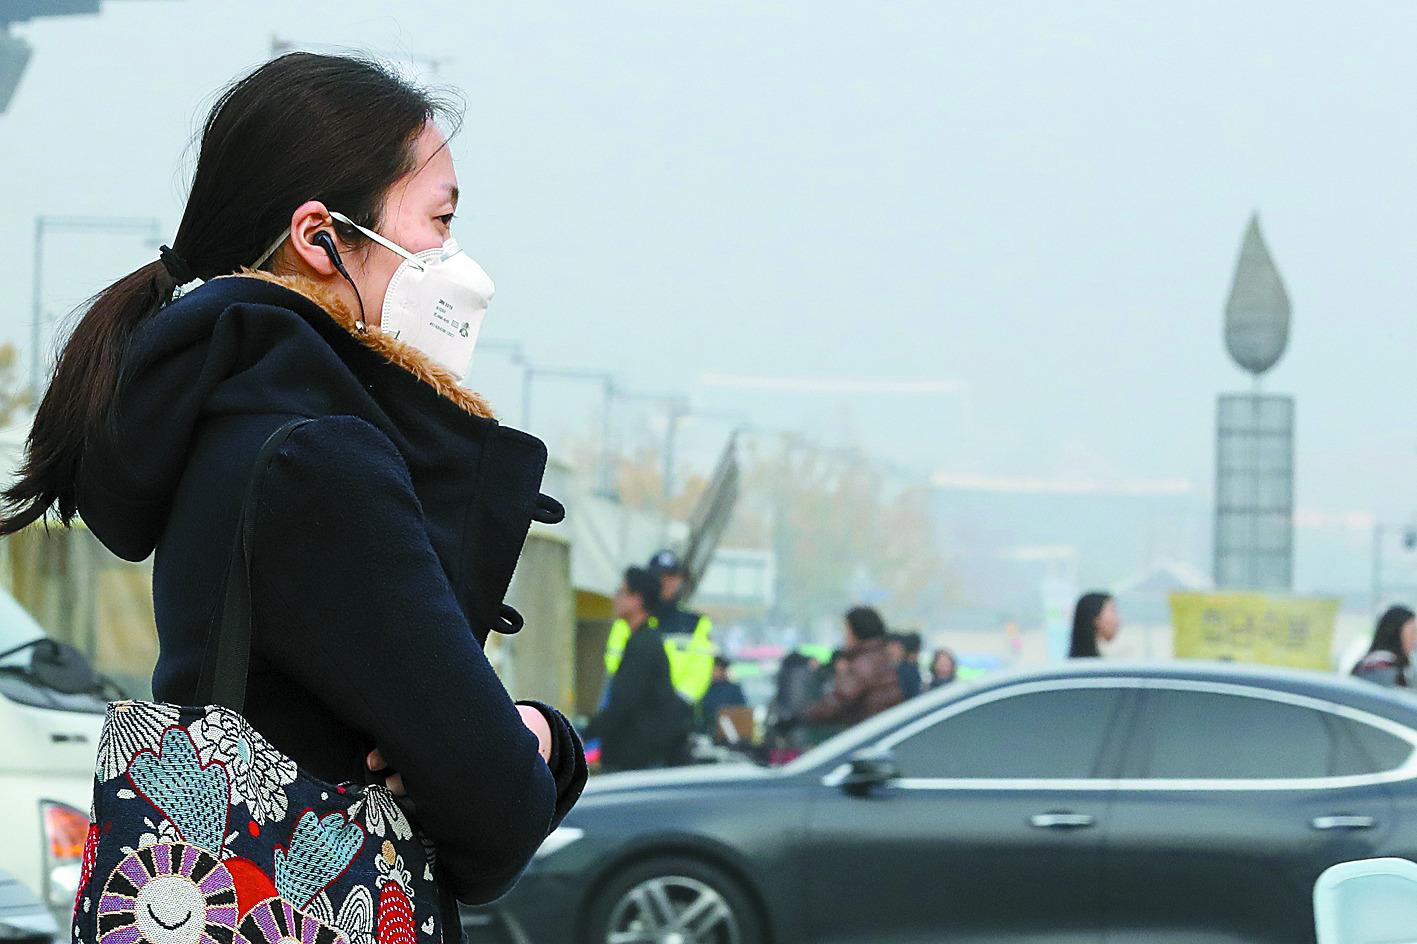 서울 광화문광장에서 바라본 도심 대기가 뿌옇다. 마스크를 쓴 시민이 출근길을 재촉하고 있다. [뉴시스]